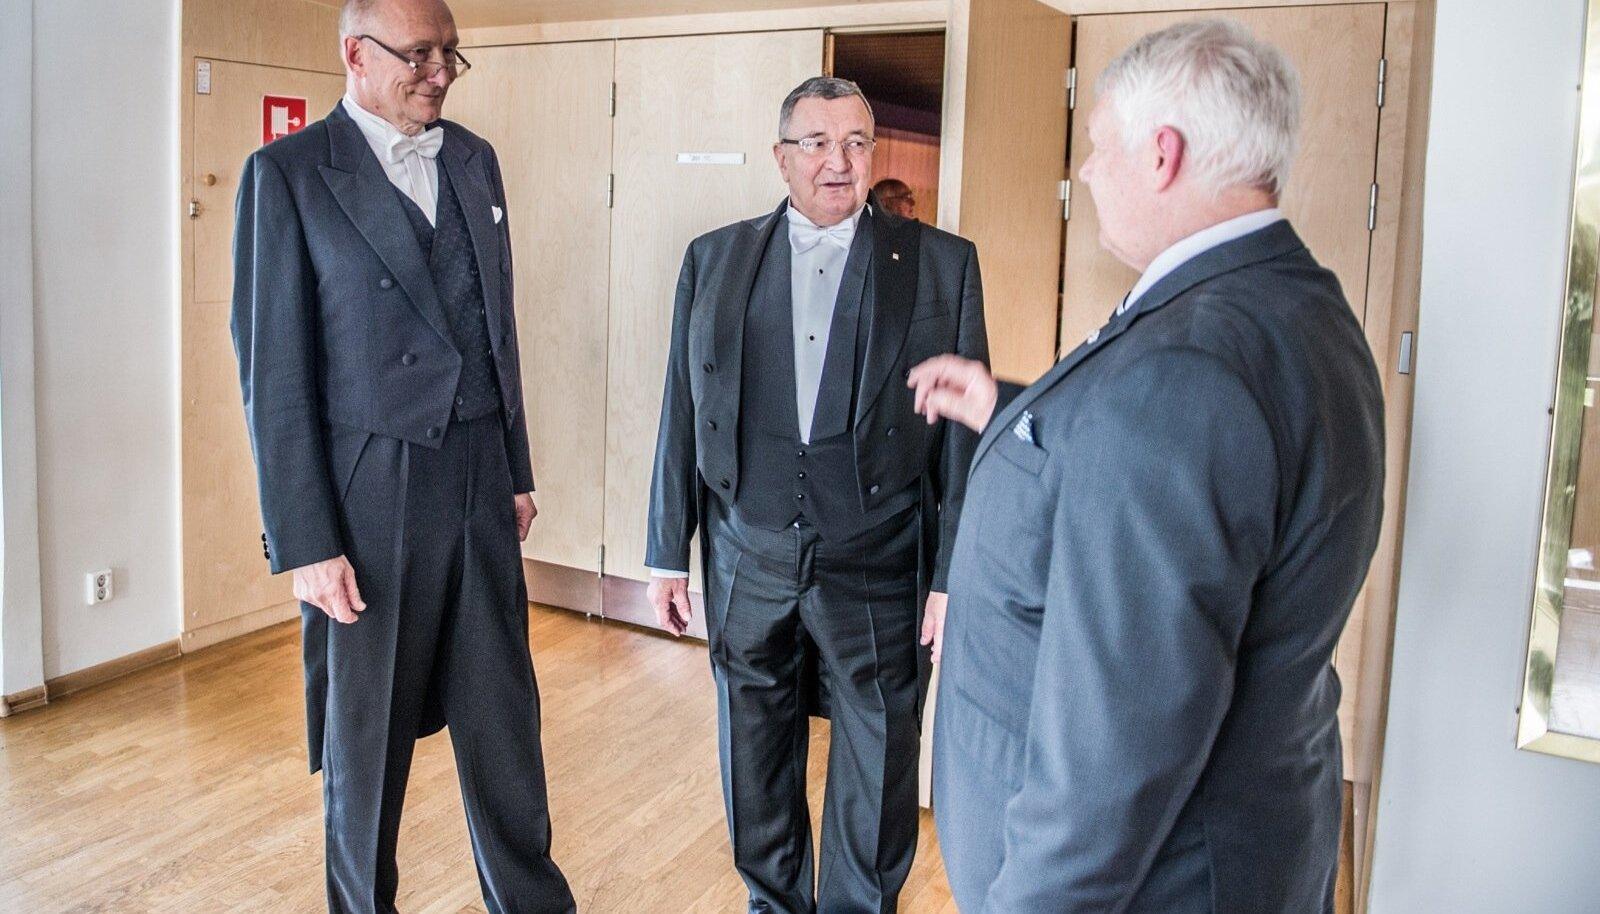 """Jaak Aaviksoo (vasakul) ja Andres Keevallik möödunud aastal, kui Aaviksoo andis ametivande. Siis Keevallik pooldas uut rektorit, kuid """"nüüd on tollaste kriitikute hirmud tõeks osutunud""""."""